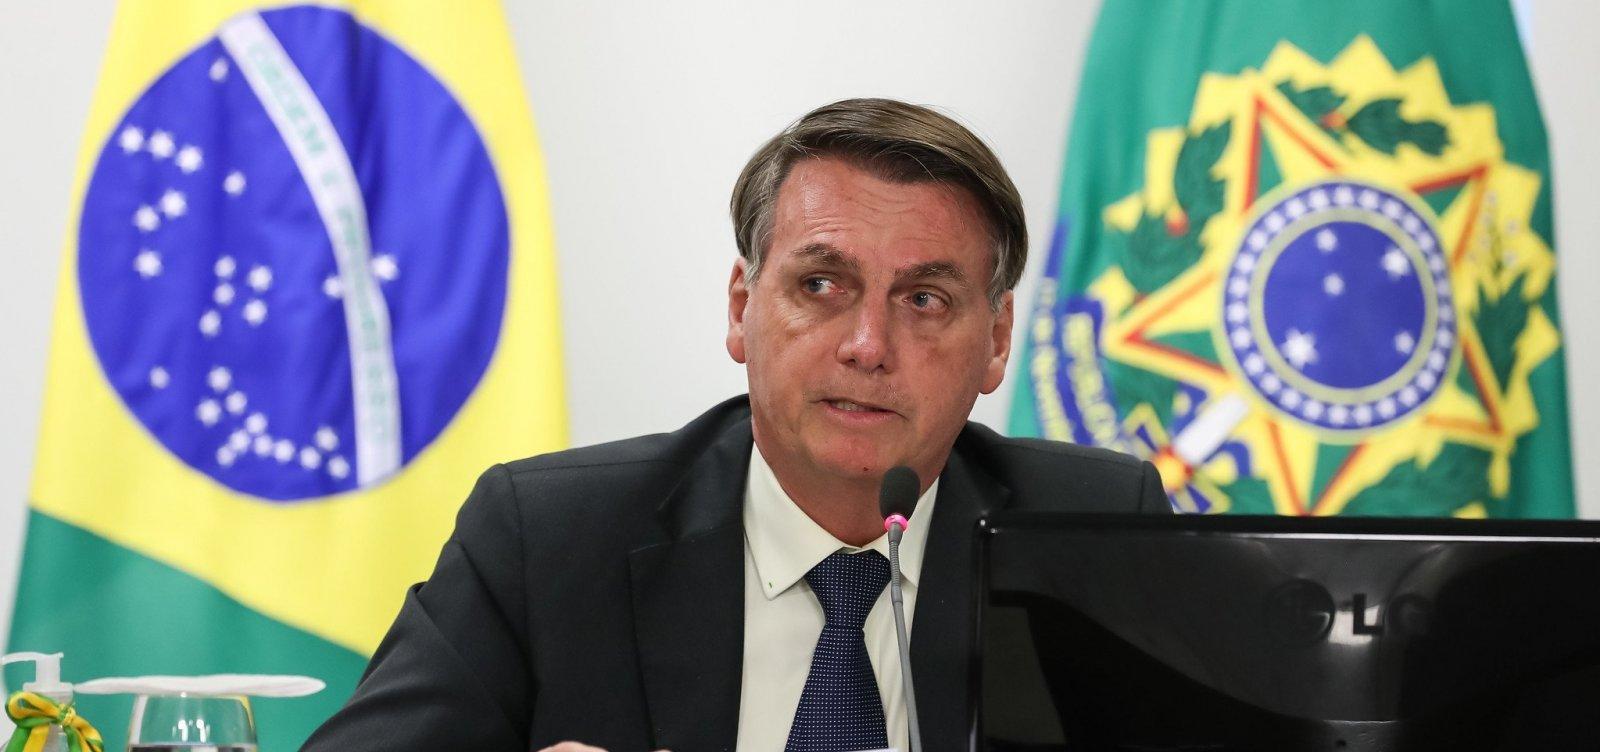 [Nota de Bolsonaro reflete 'preocupação', mas não representa ameaça, diz Judiciário]